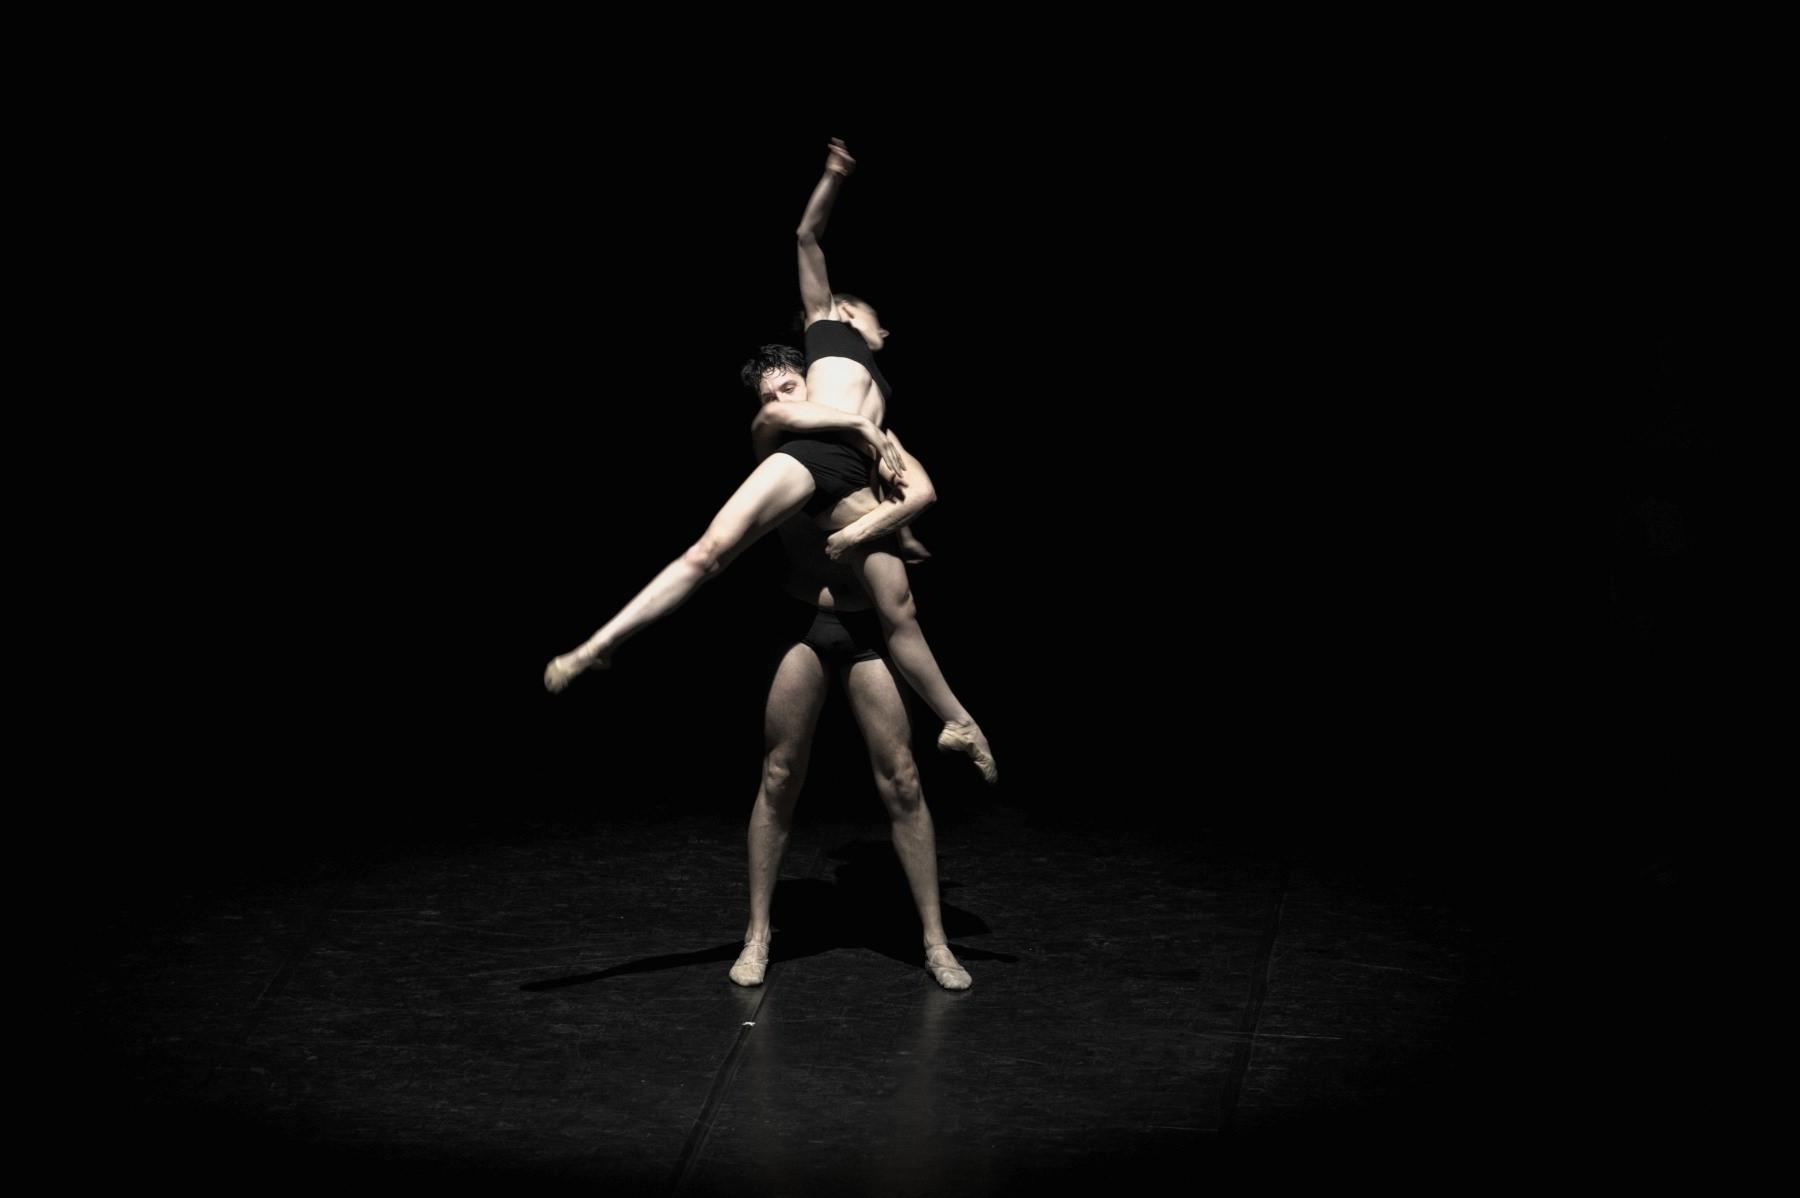 Gabriele-Rossi-122 Dance